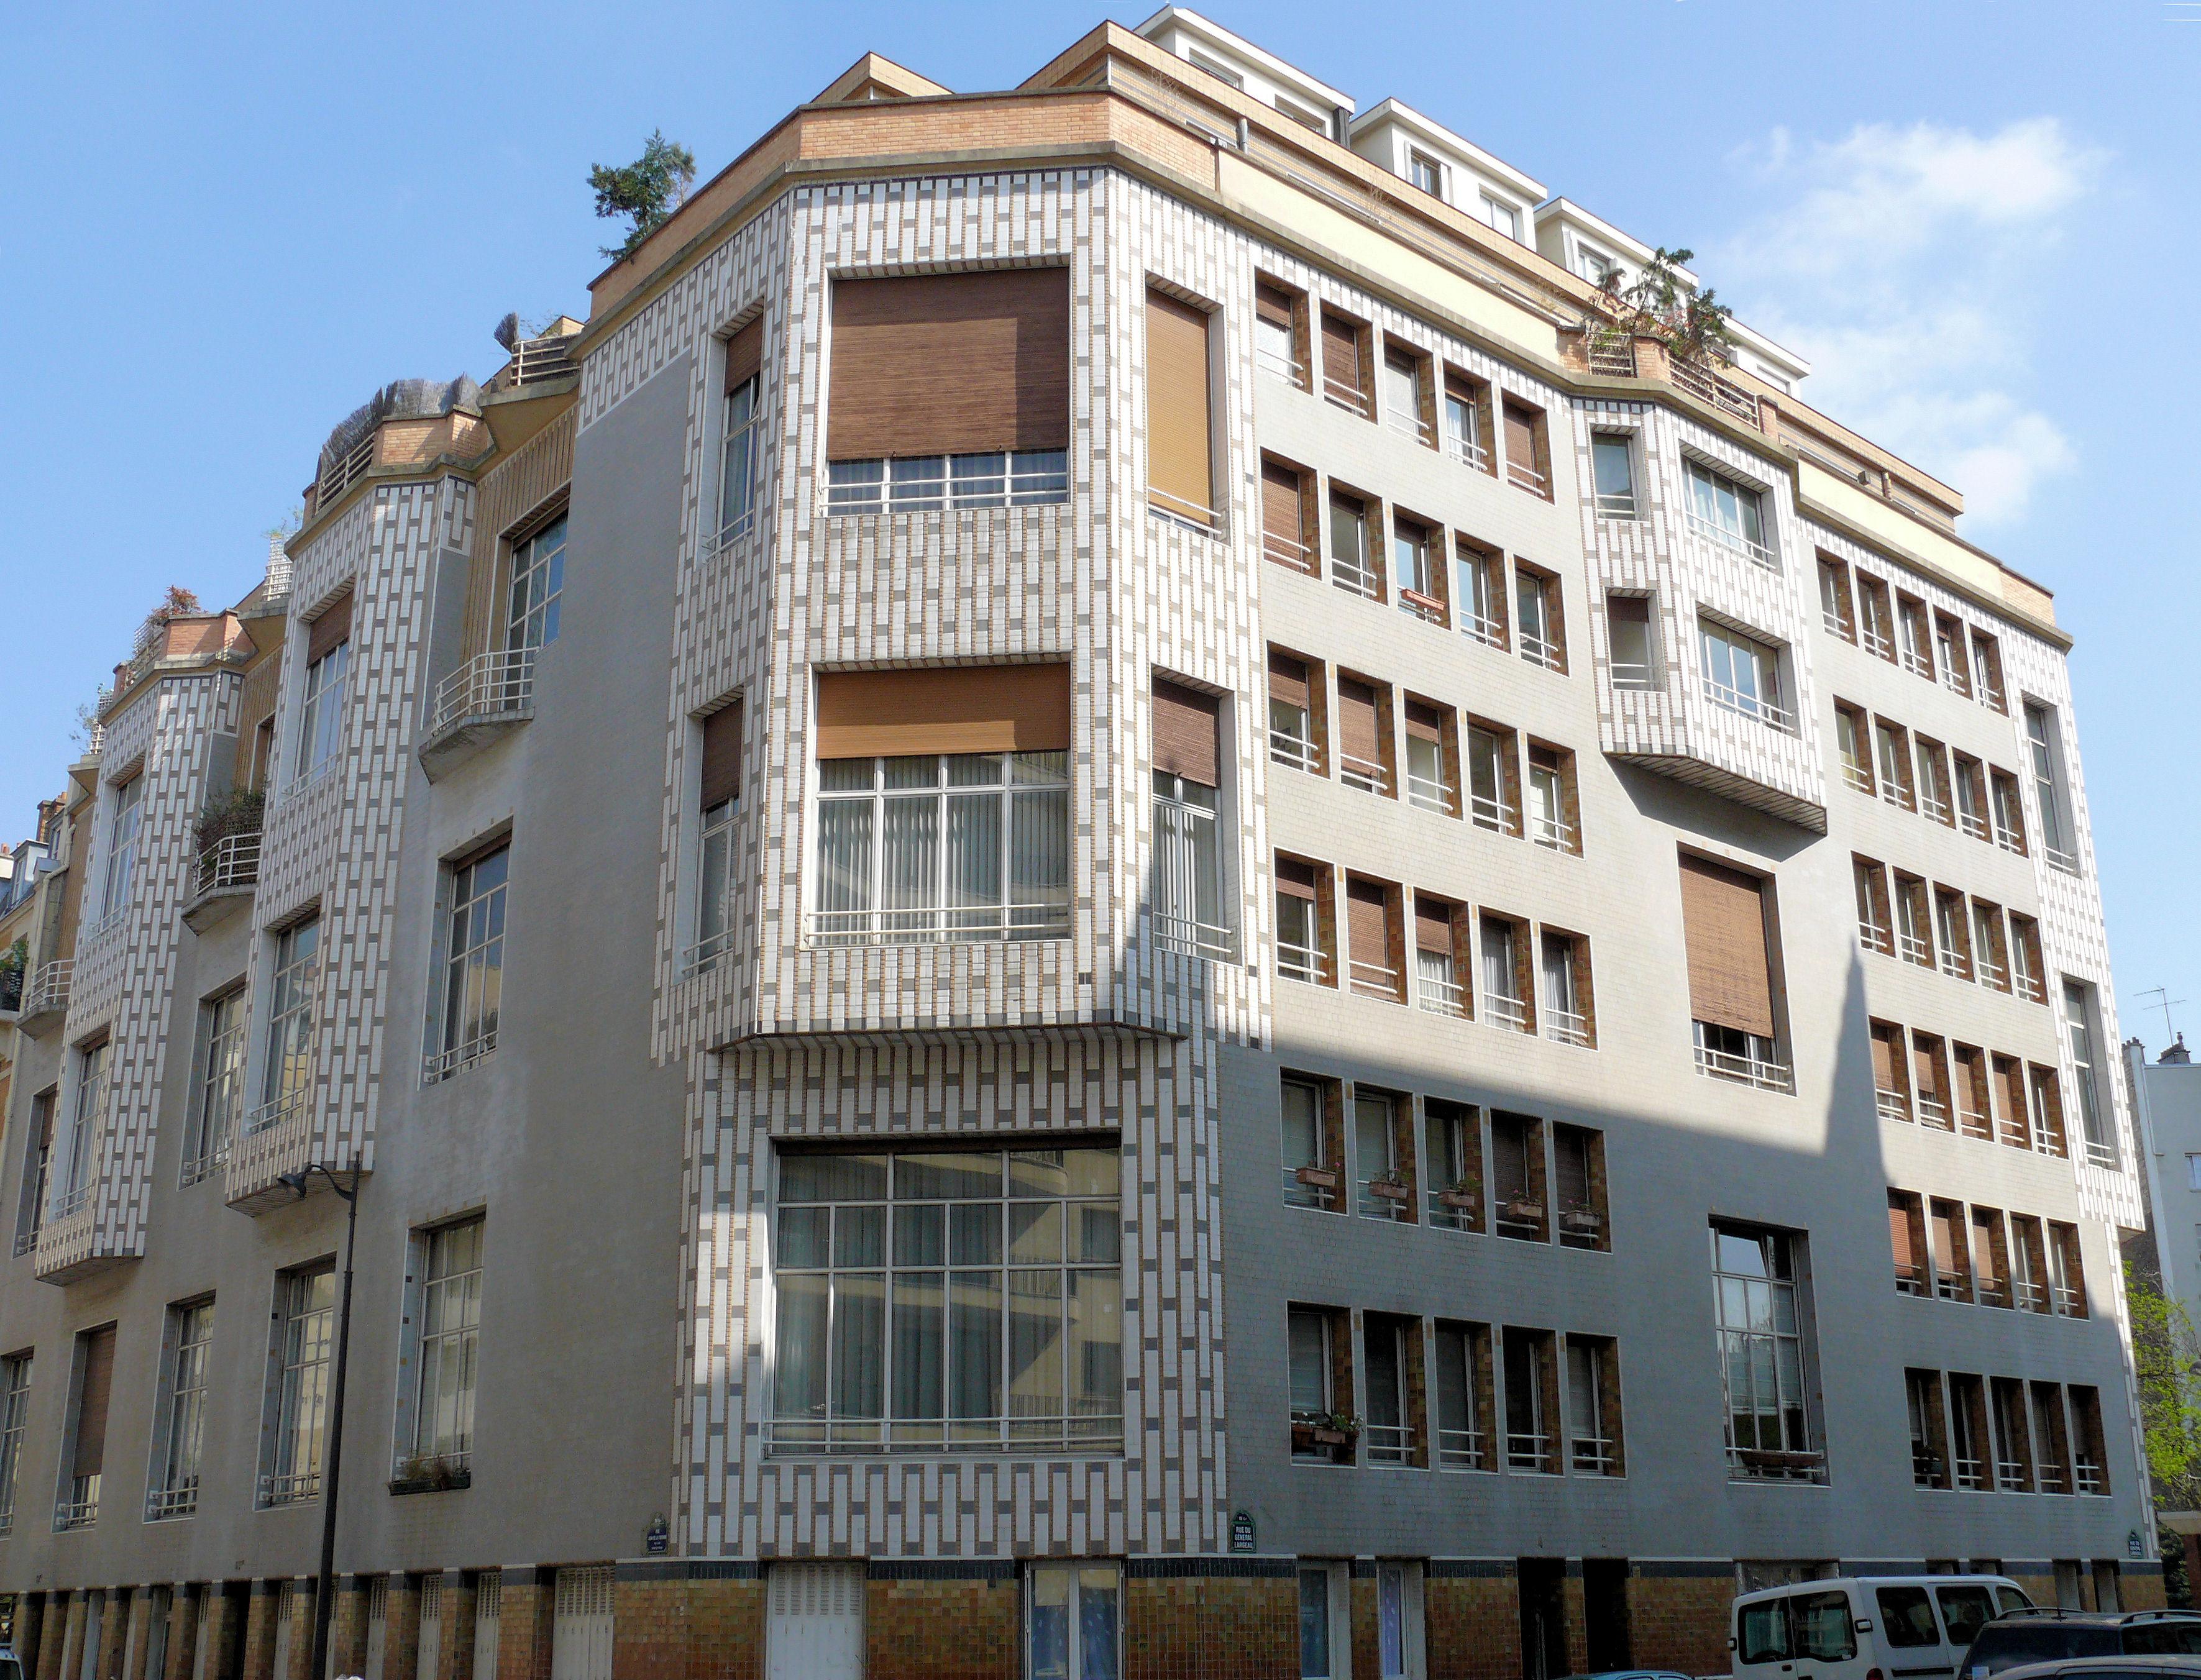 liste der monuments historiques im 16 arrondissement paris. Black Bedroom Furniture Sets. Home Design Ideas